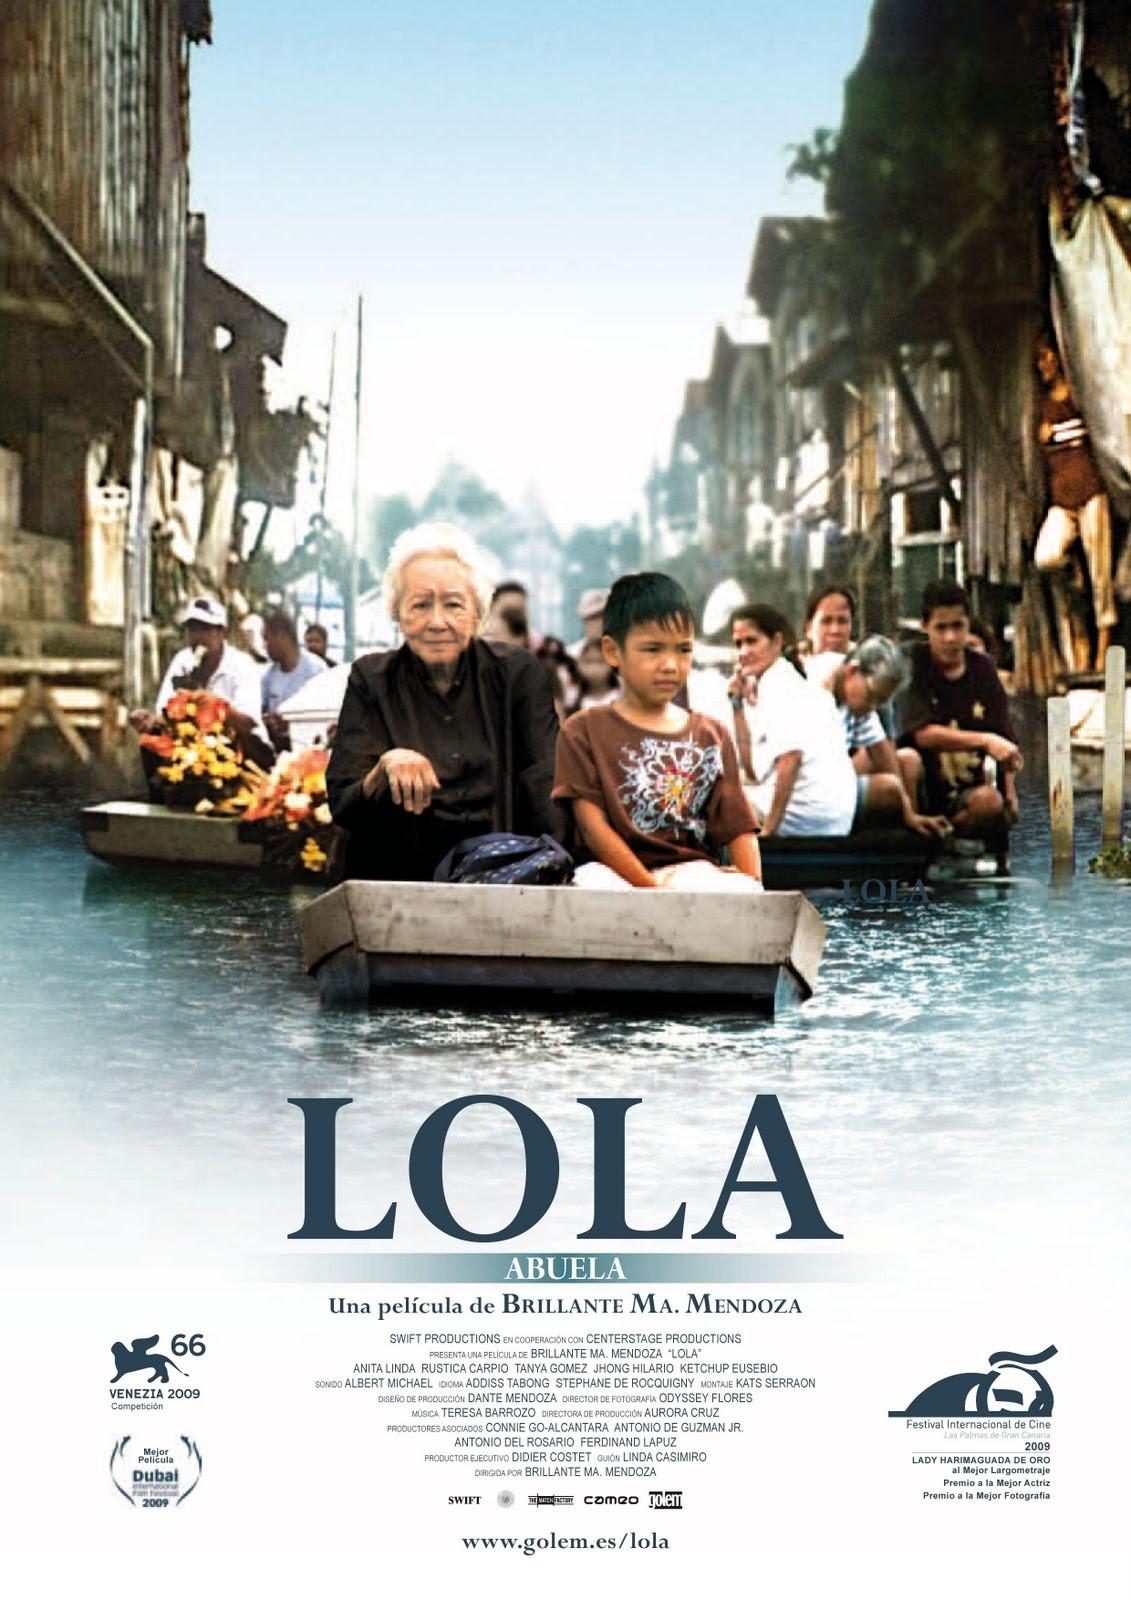 Lola: El coraje de dos abuelas en Manila